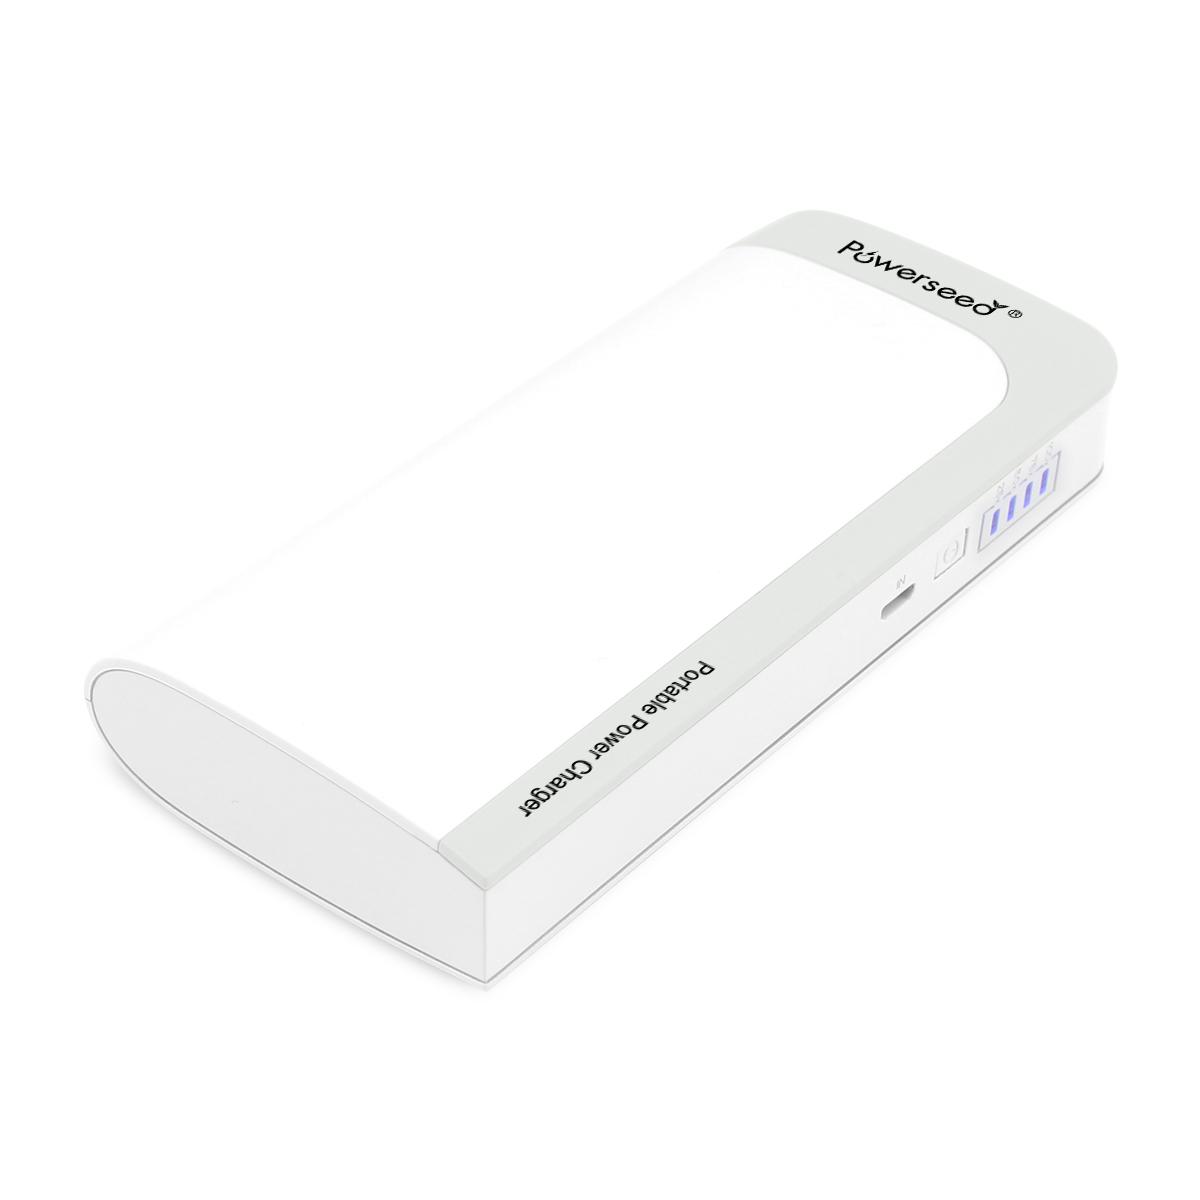 Powerseed PS-13000b bílo-šedá